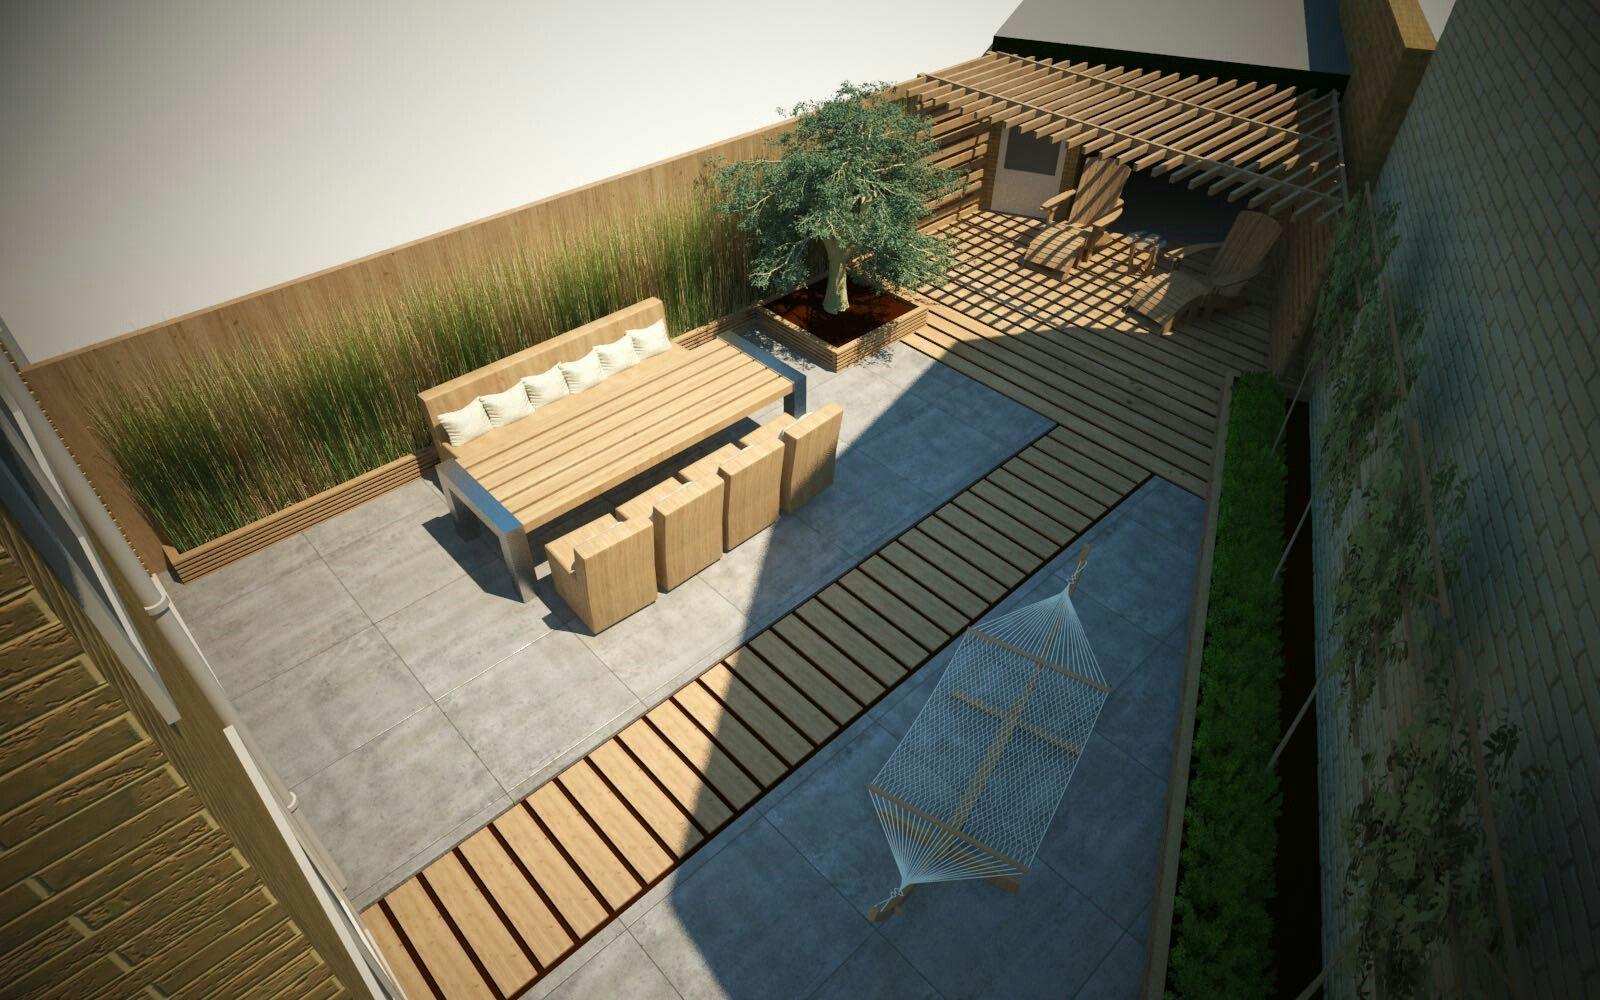 Onze achtertuin... zo blij mee!  Ontworpen door www.3d-graphicdesign.com